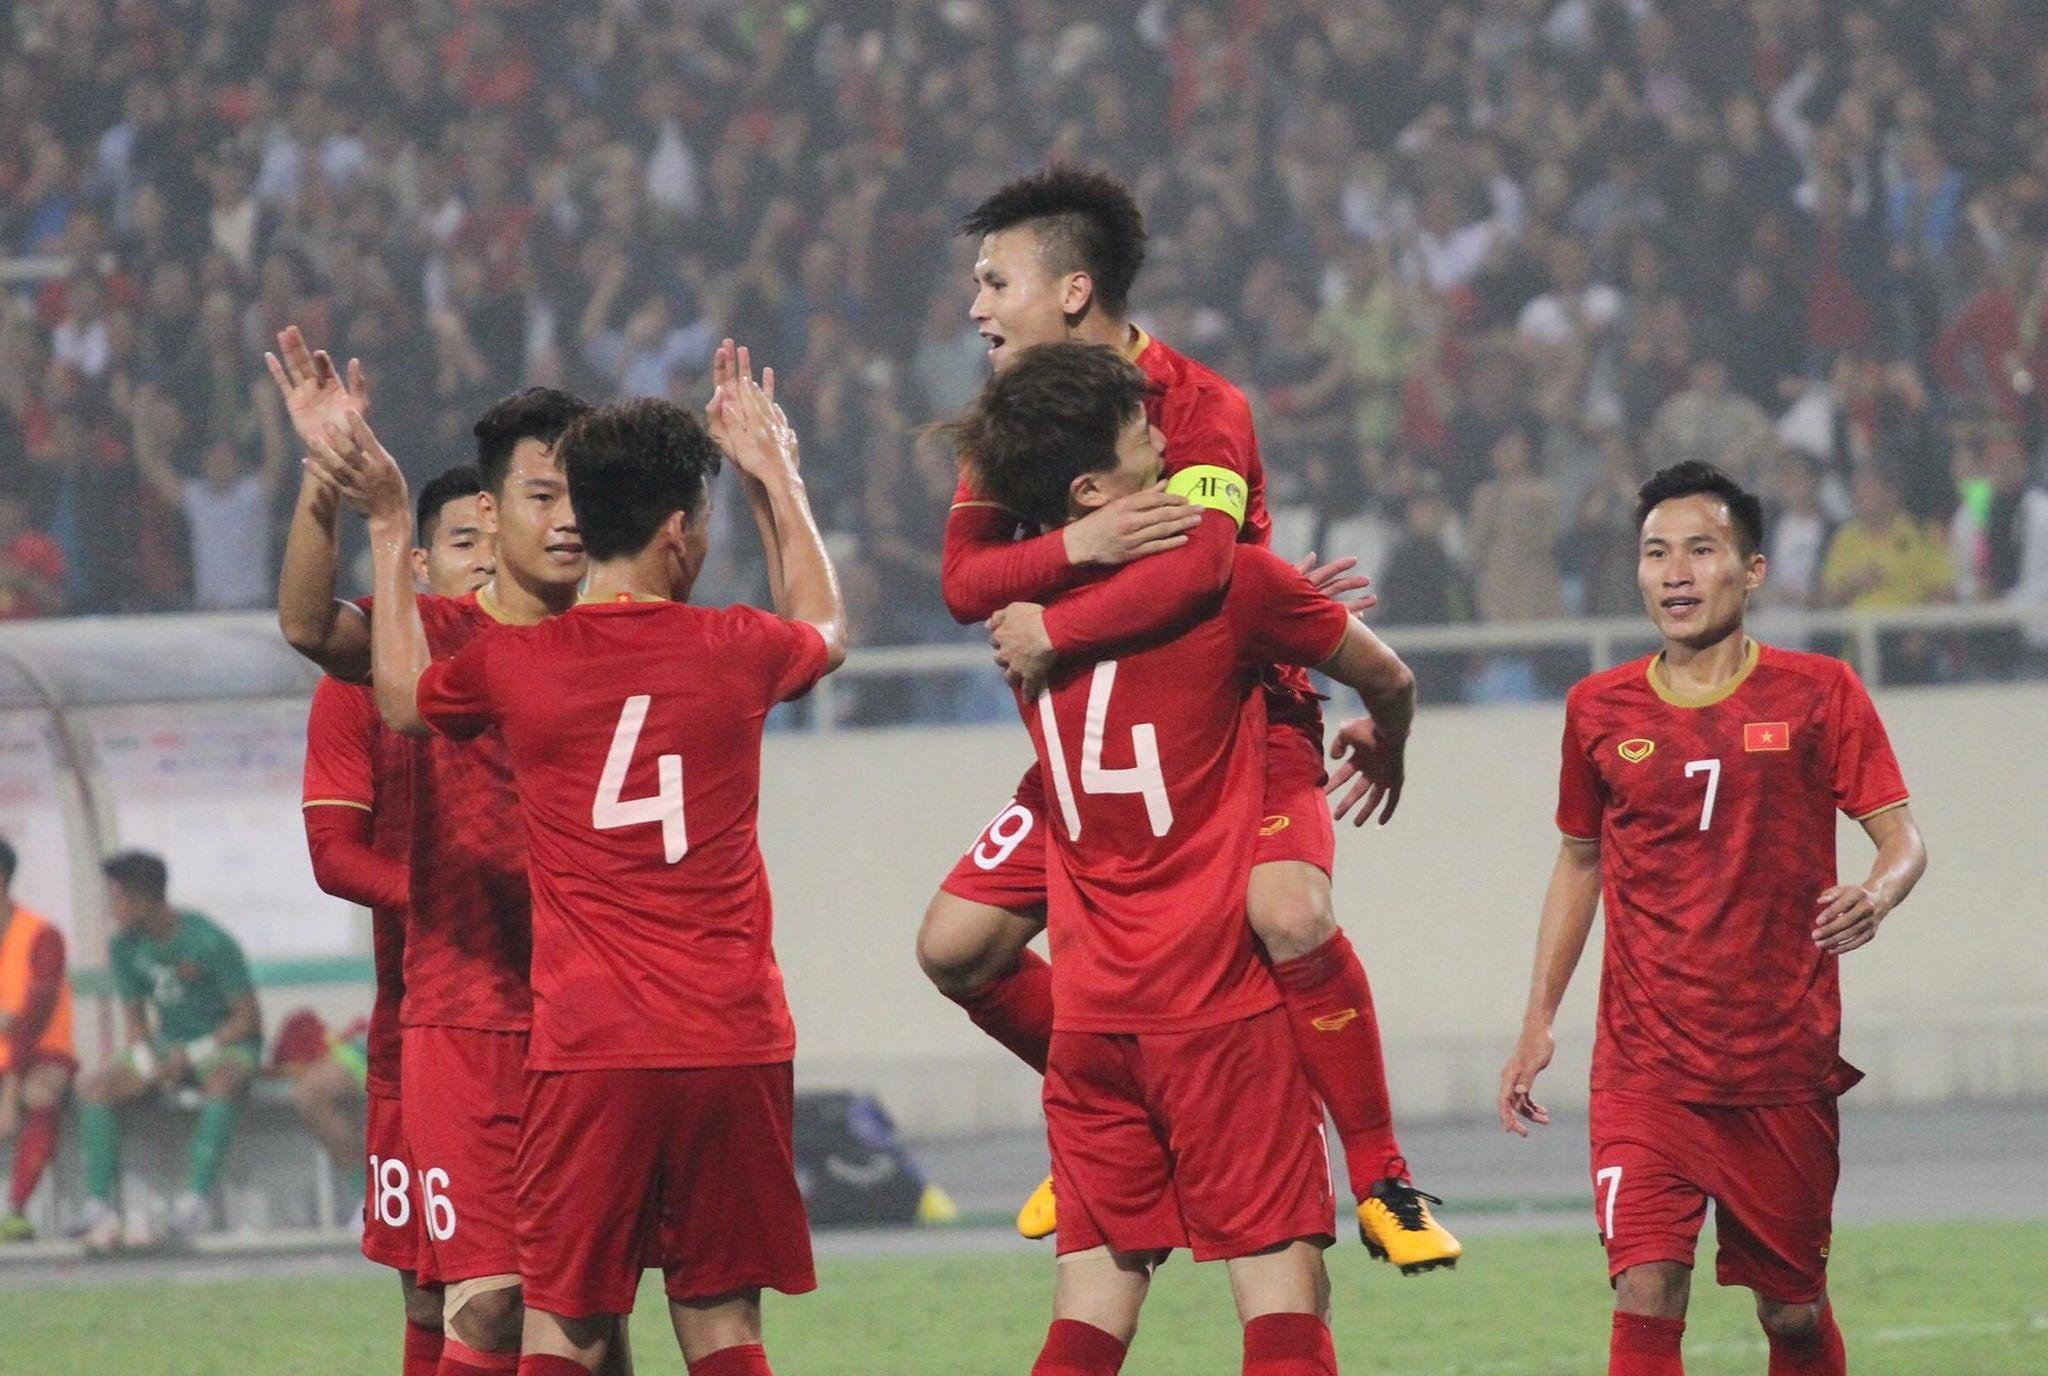 'Đè bẹp' U23 Thái Lan, U23 Việt Nam kiêu hãnh trở lại sân chơi lớn nhất châu Á Ảnh 3